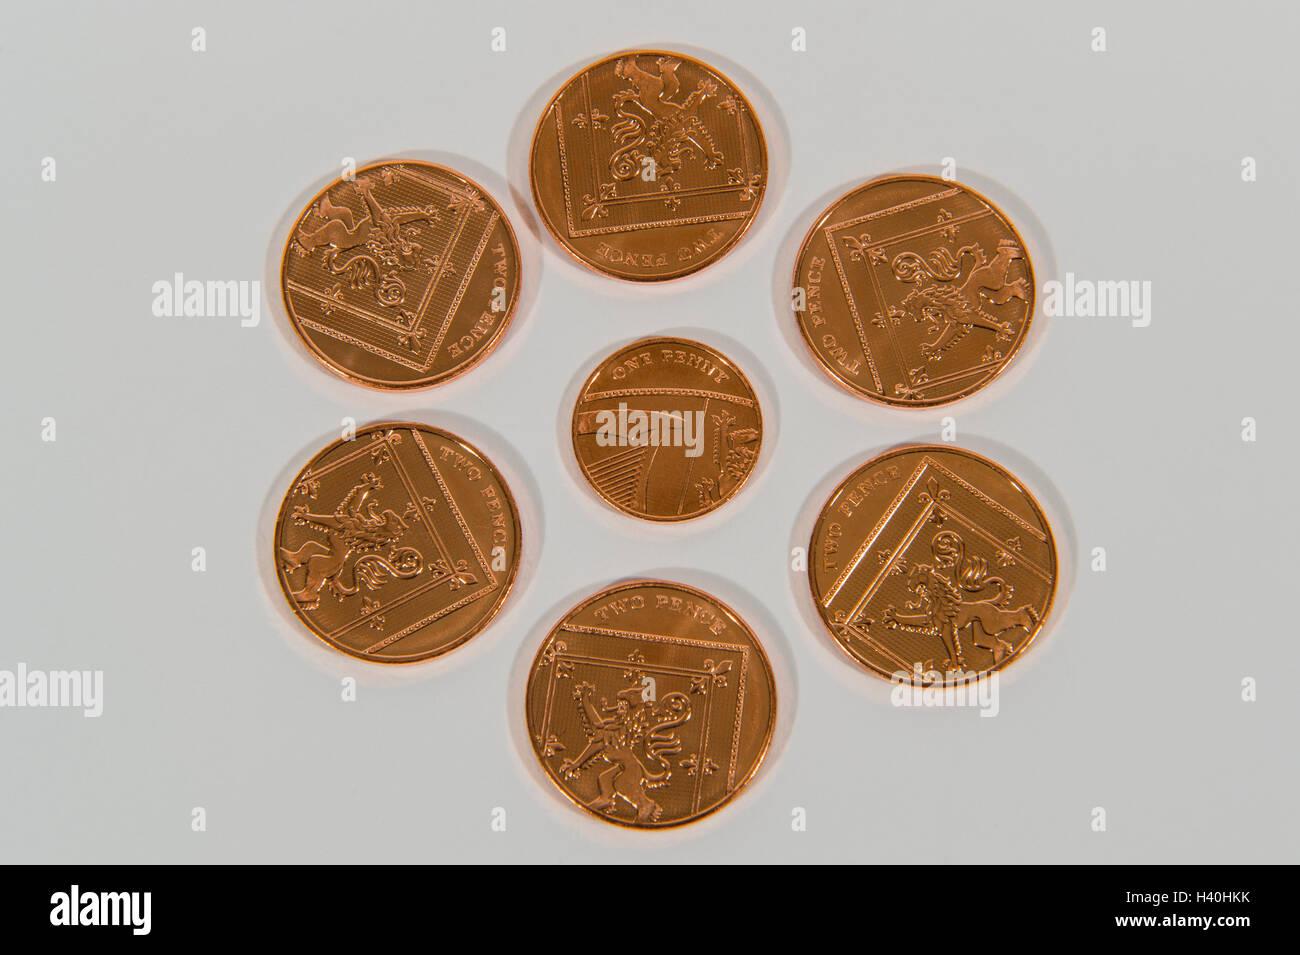 Nahaufnahme Detail Des Geldes Aktuelle Pfund Sterling Kupfer